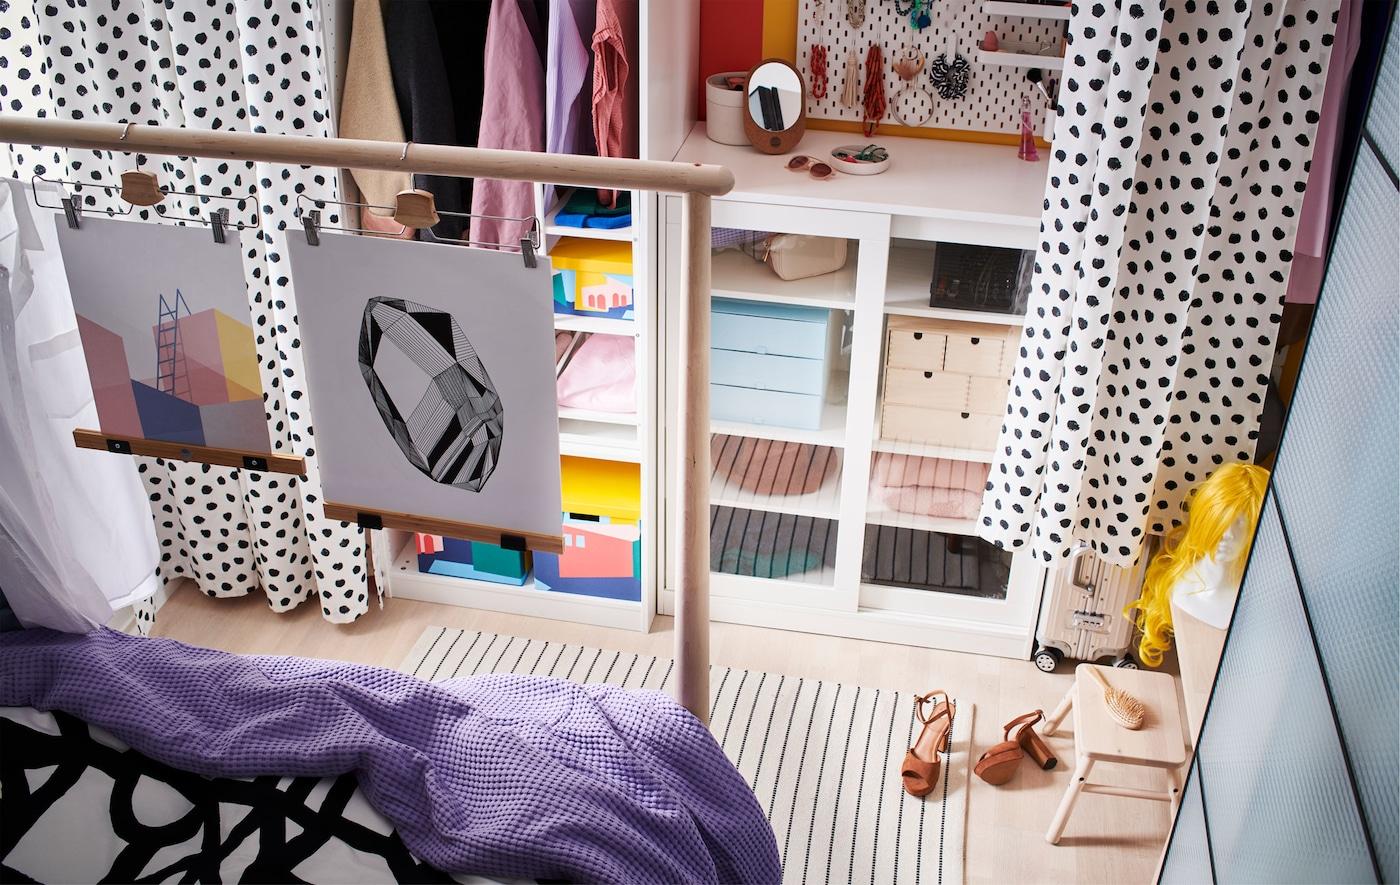 Combinaison de rangements ouverts et fermés le long d'un mur, avec passage entre des rideaux suspendus et le pied du lit.